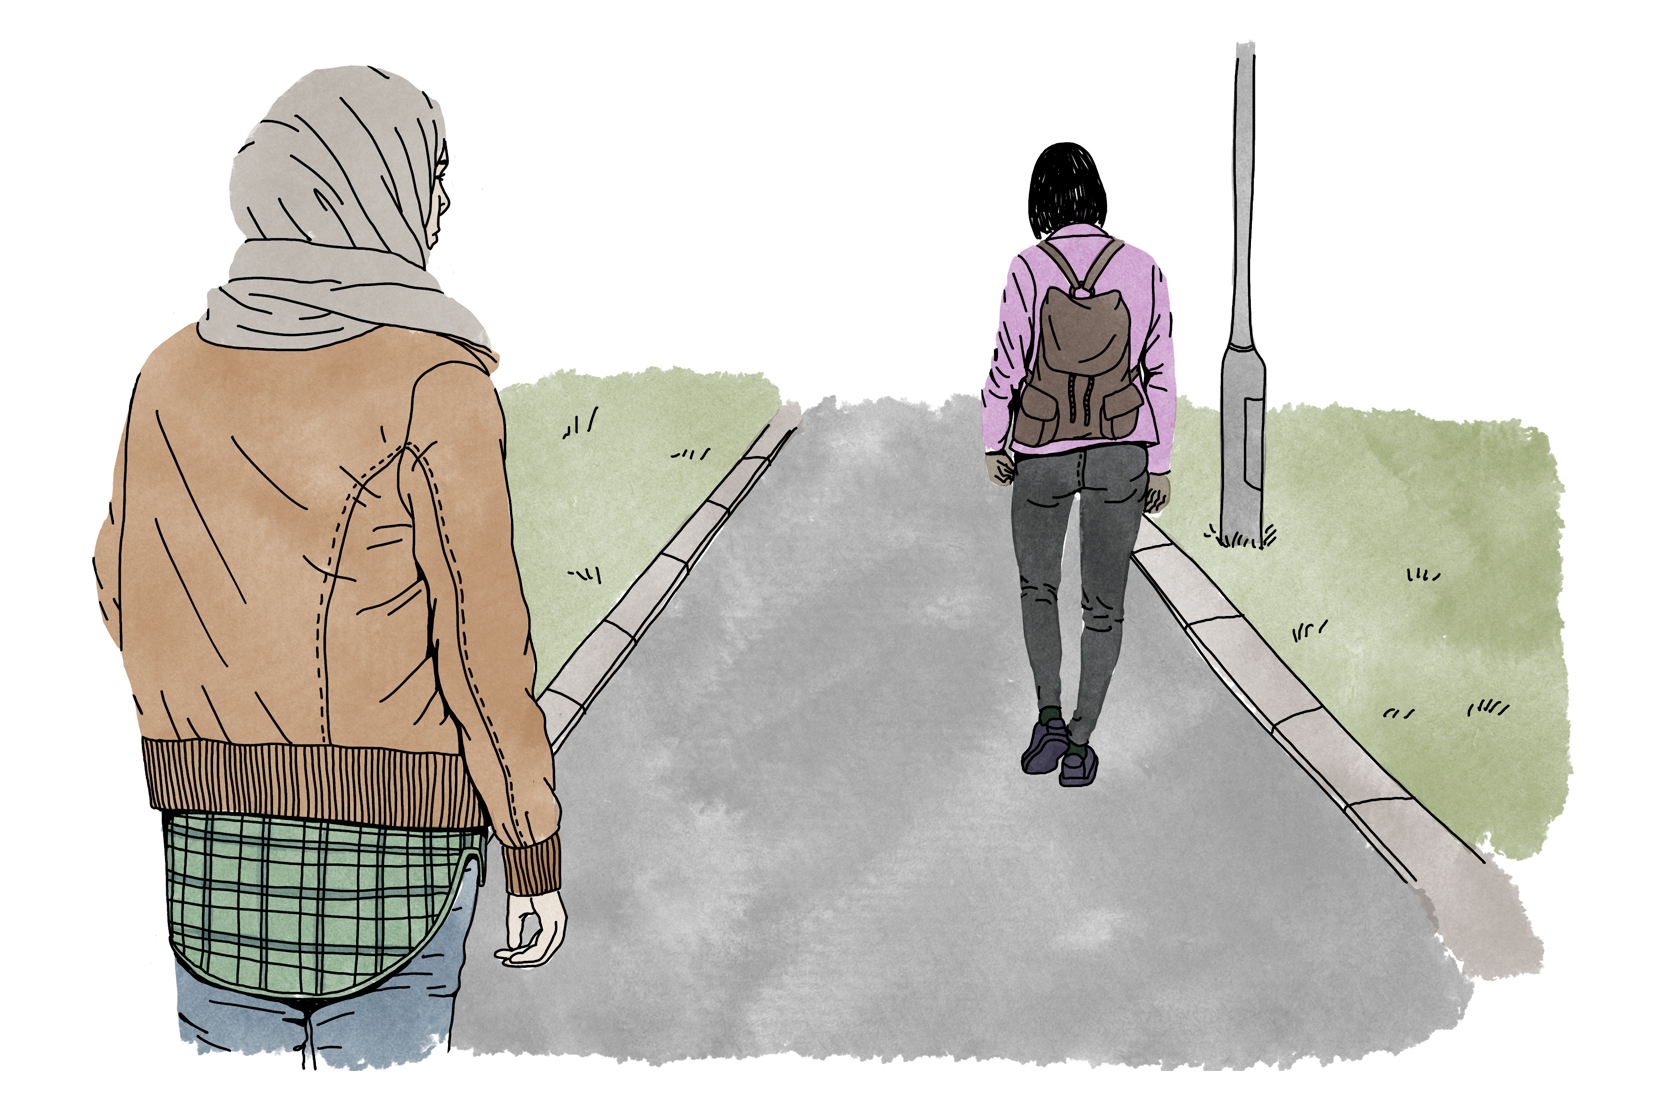 En person går bortåt på en väg, och en person står kvar och ser bort på hen.